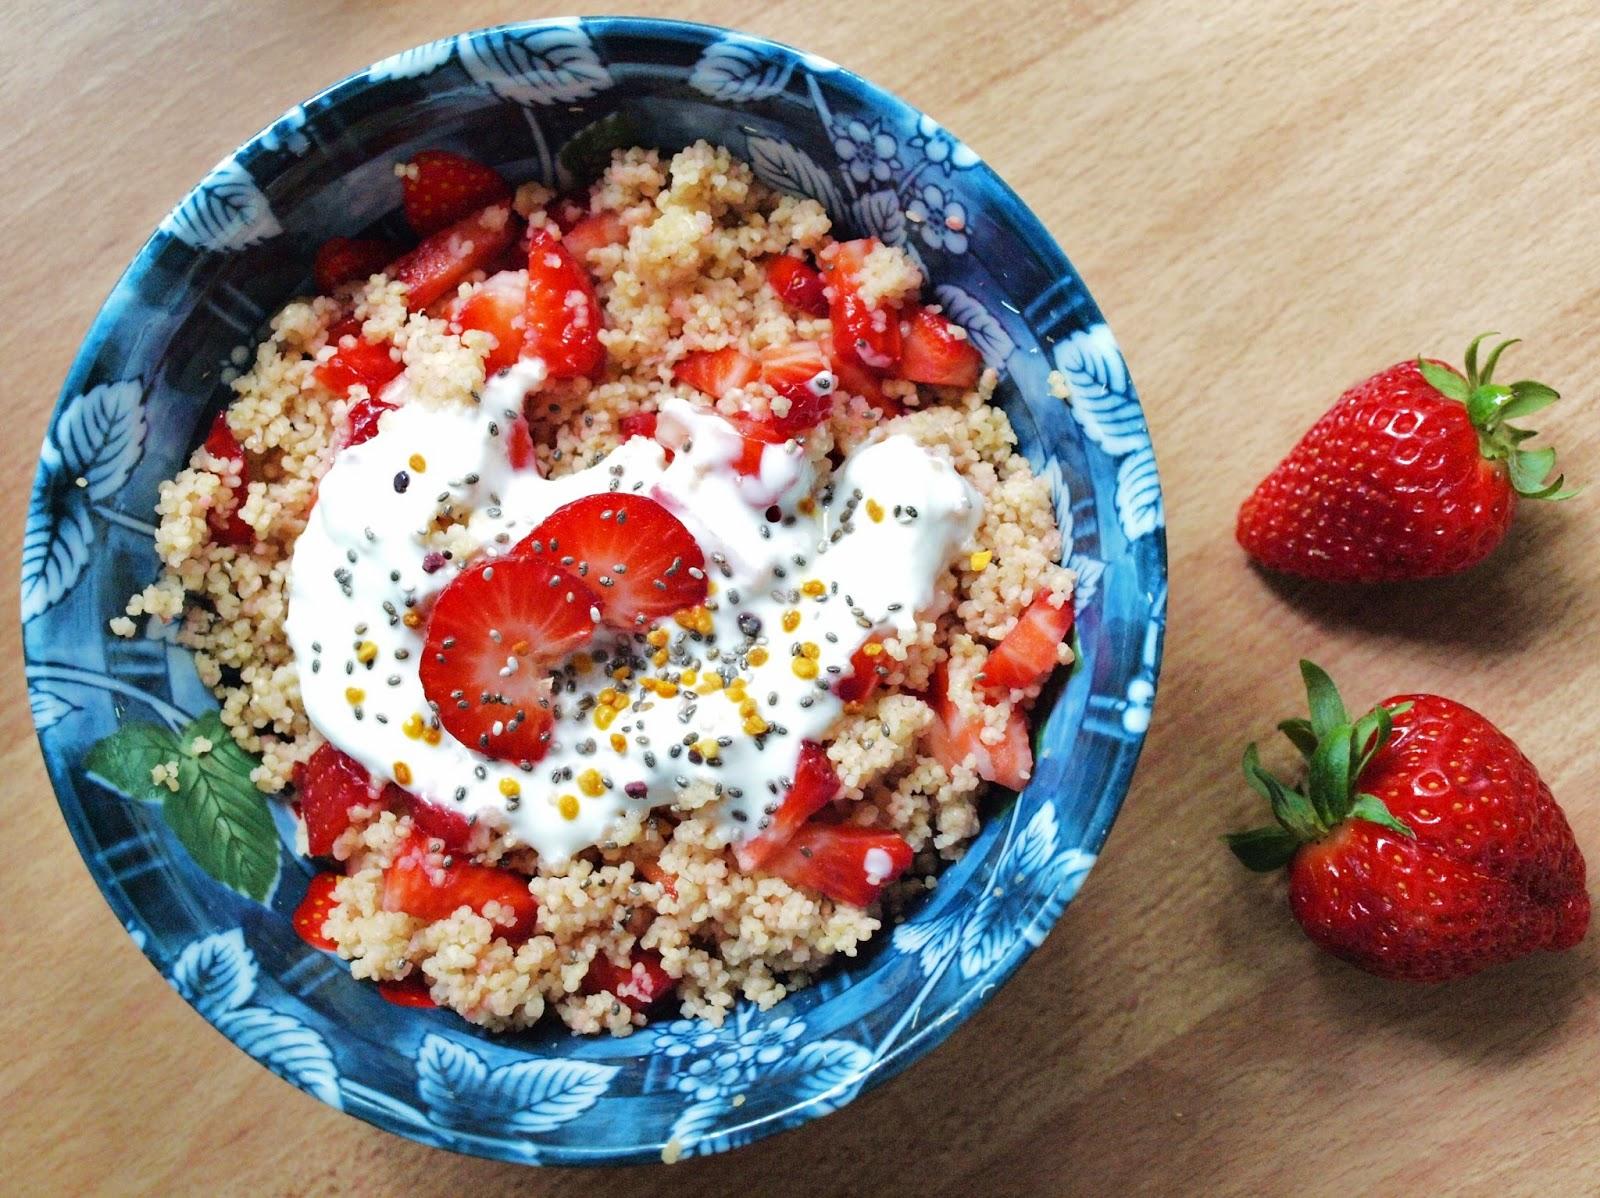 Süßer Couscous mit Rhabarber und Erdbeeren